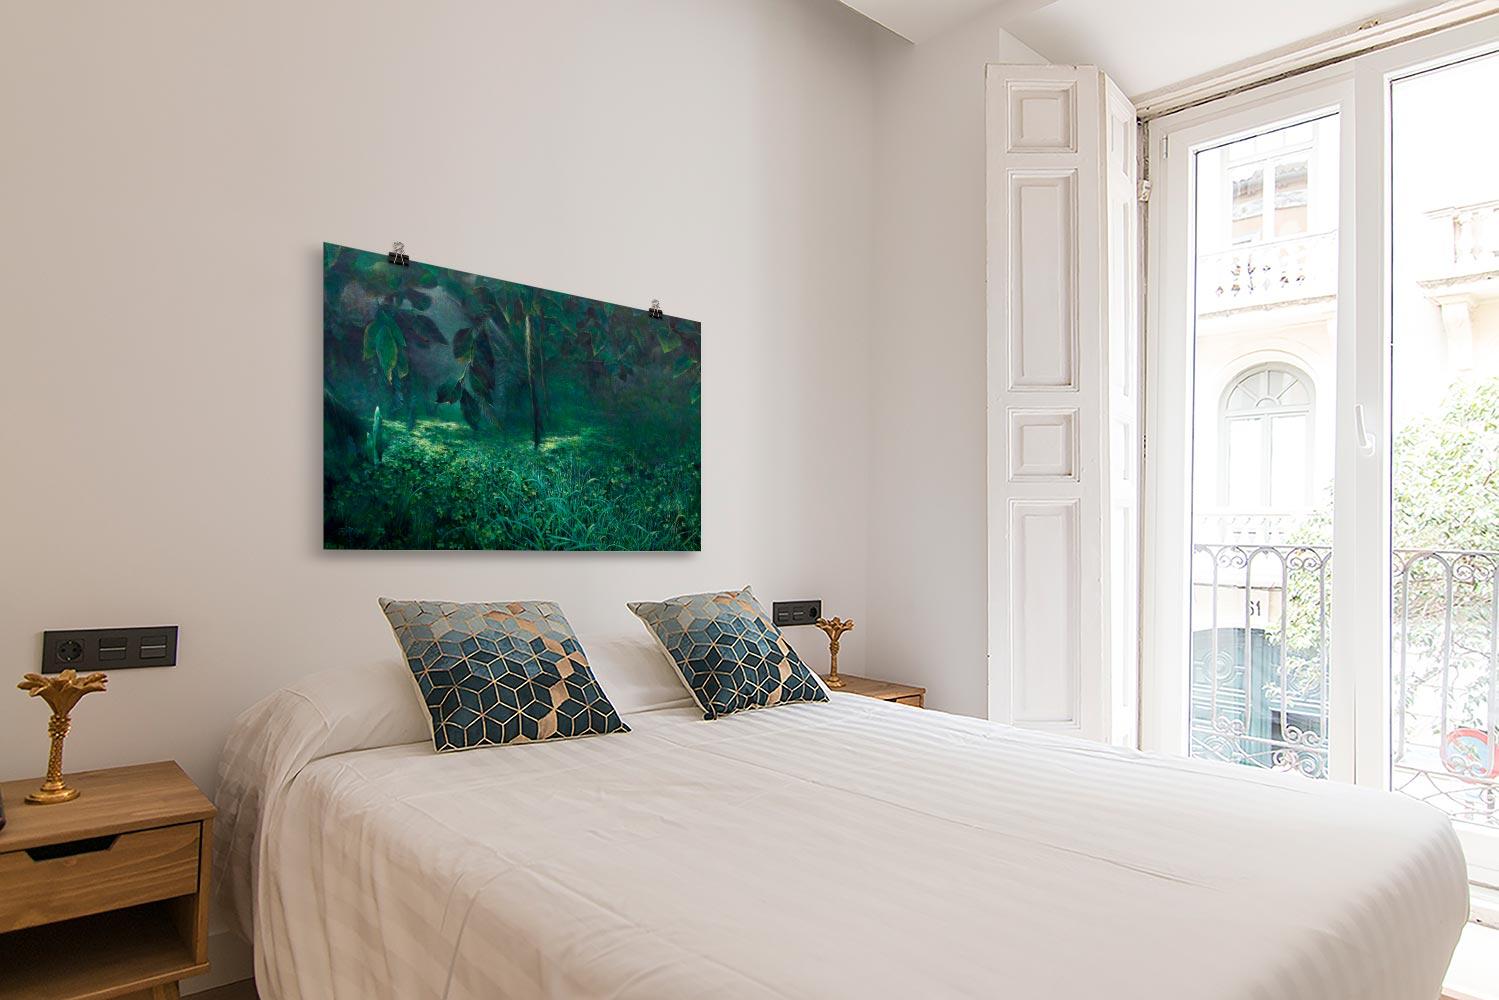 Reproducción de arte en lámina - dormitorio con balcón - Clorofila izquierda - Técnica Mixta - Paisaje - Naturalismo -pintado por Fernando Pagador